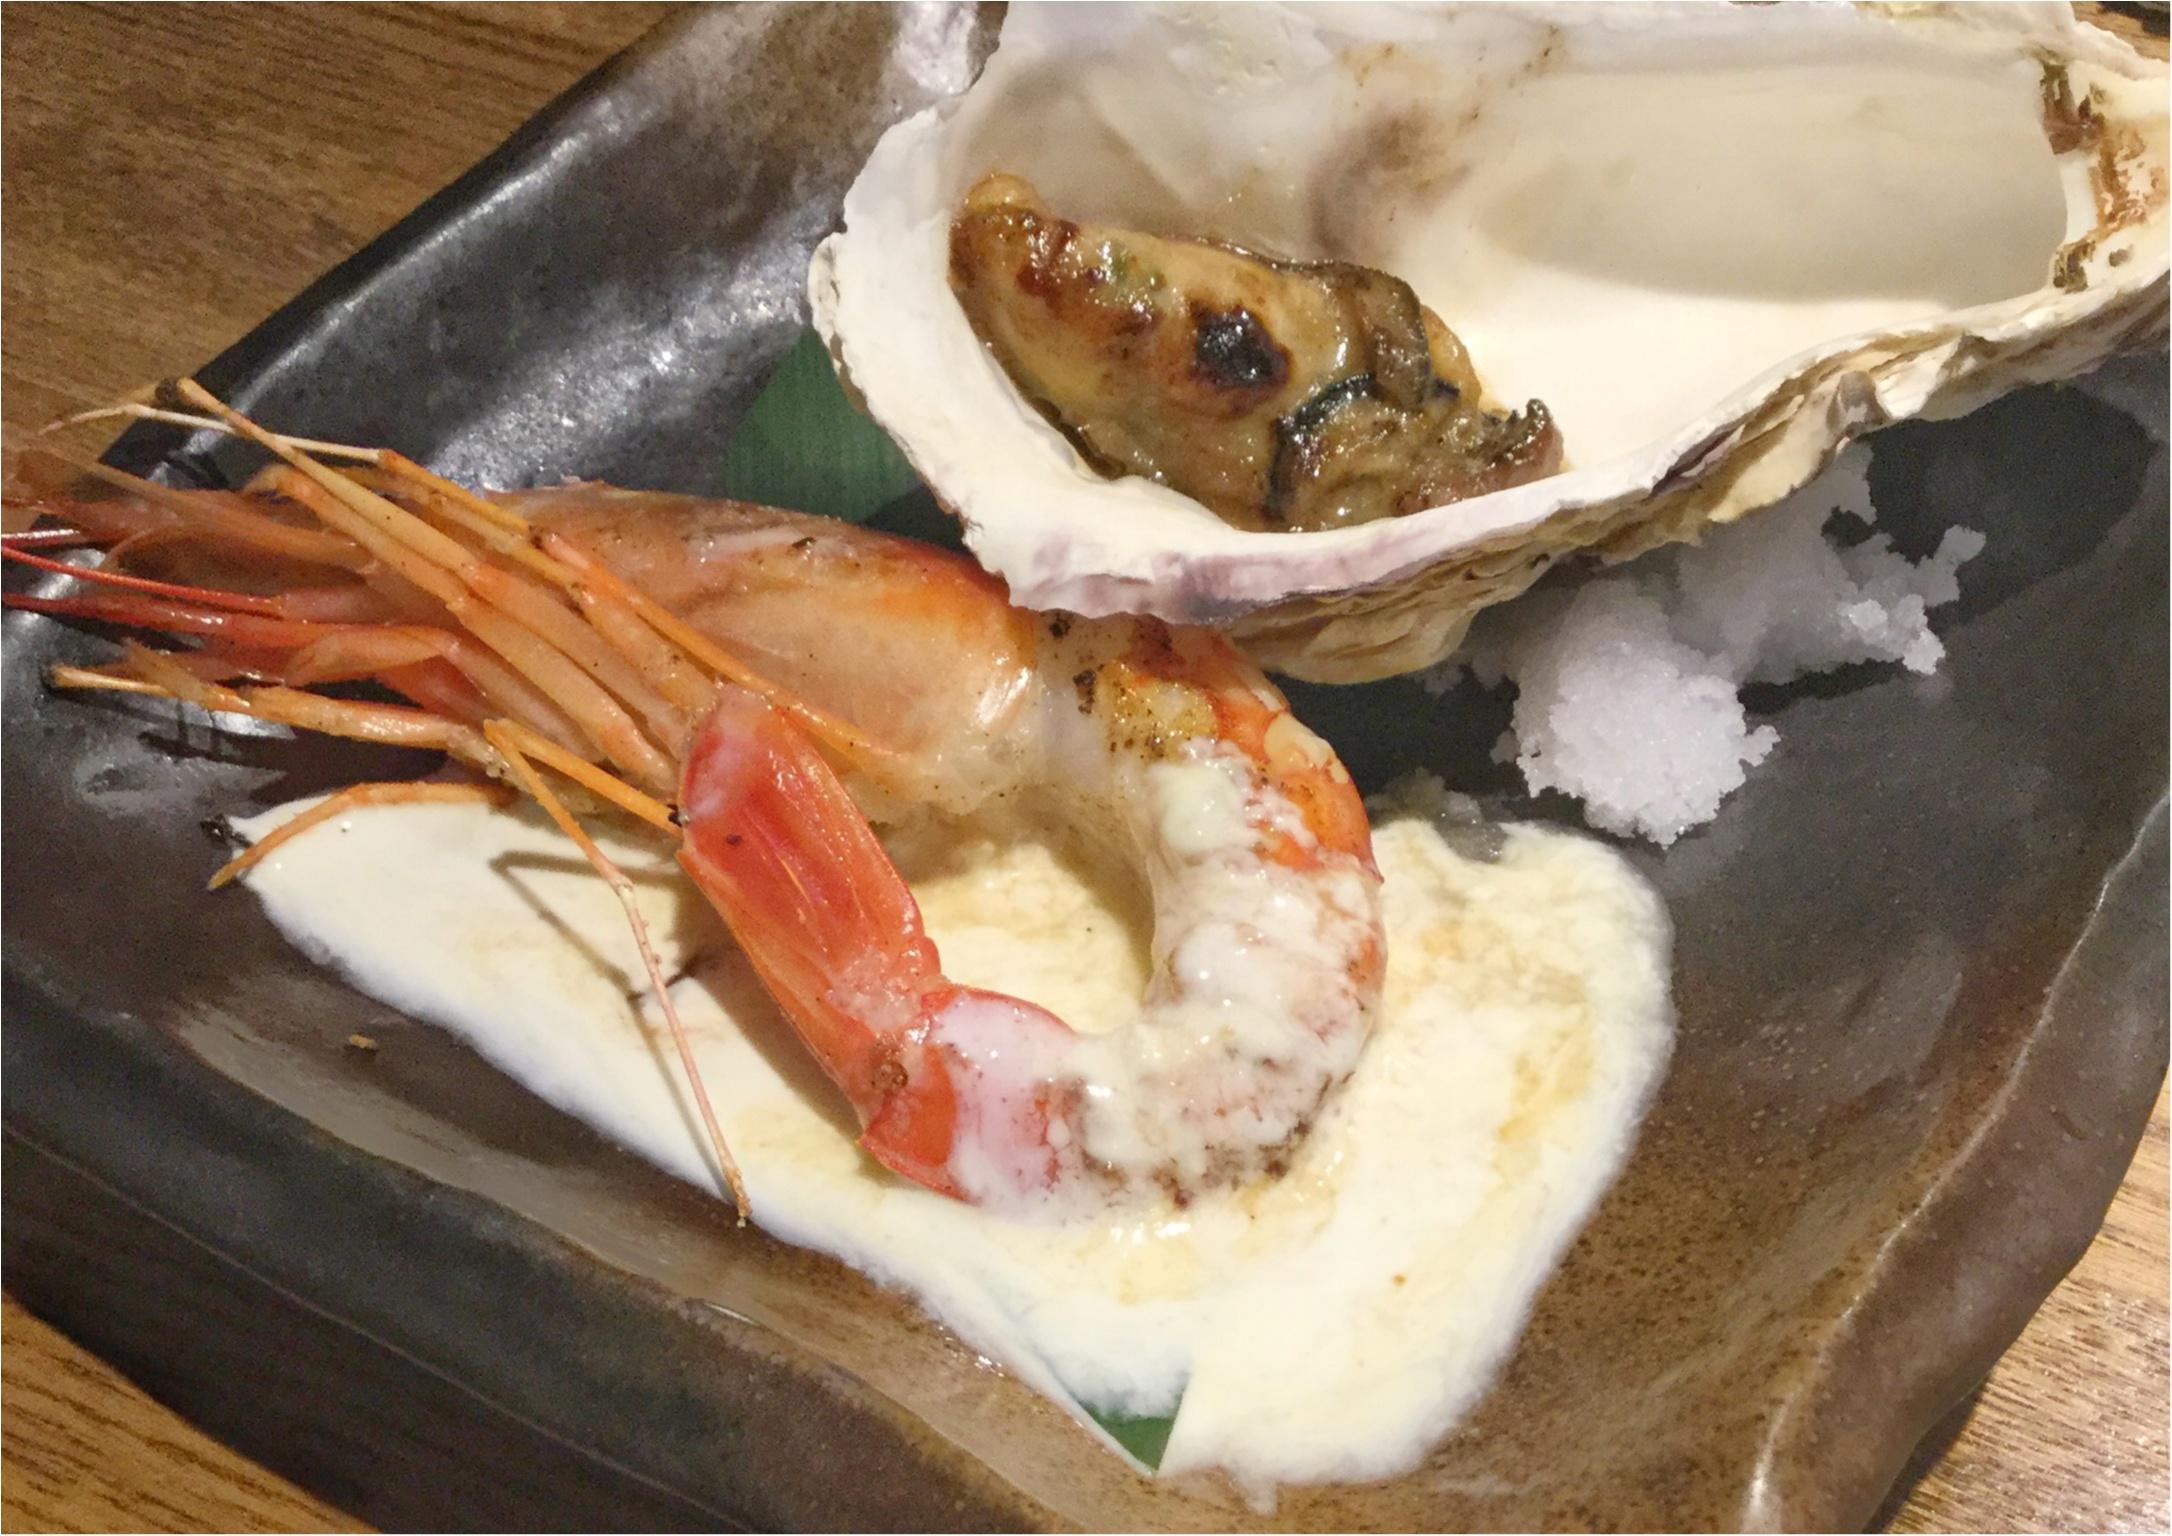 【デート&記念日にオススメ!】広島牛A5ステーキがリーズナブルな価格で食べれる隠れ家レストラン『暫(しばらく)』_4